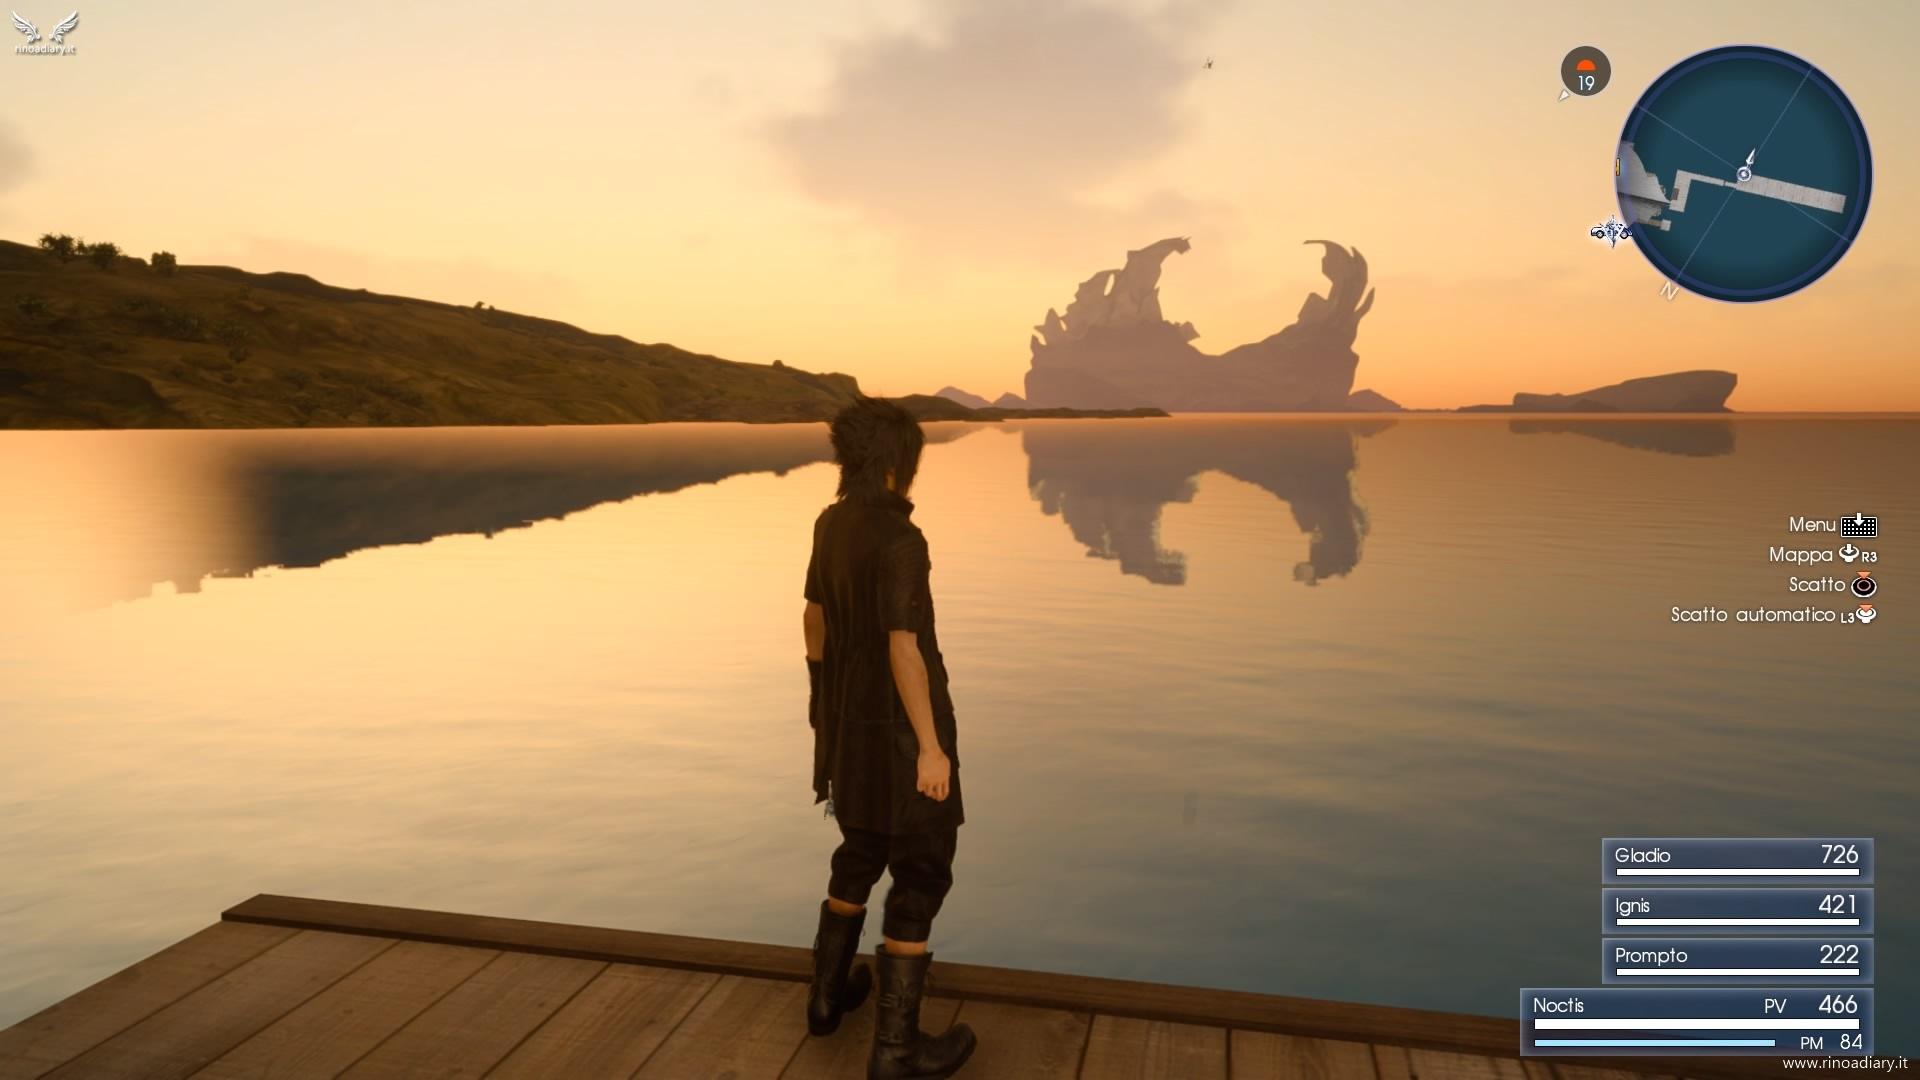 Grandi aggiornamenti in programma per Final Fantasy XV: nuove cutscene, guest giocabili, avatar system!